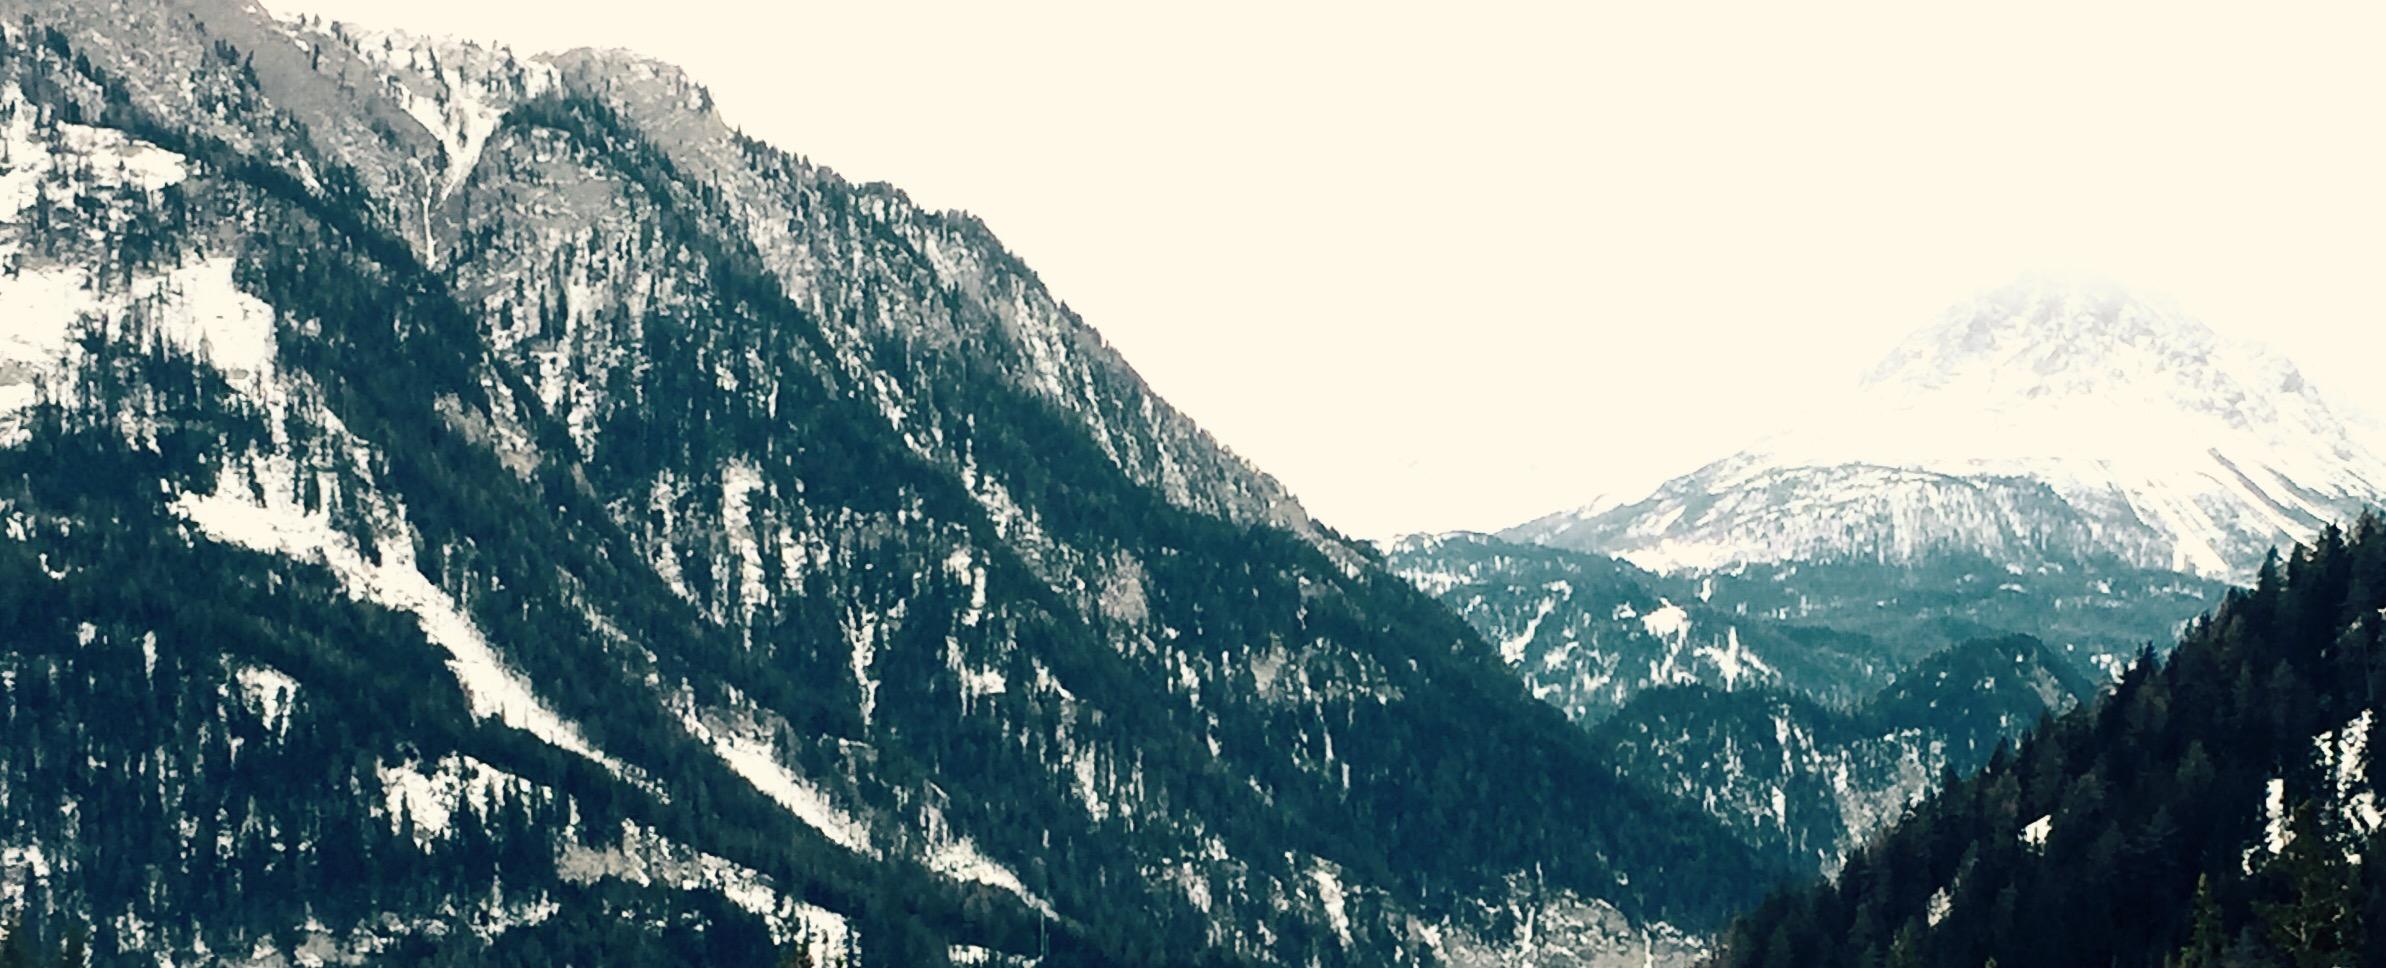 Berge und Schnee im Tiroler Oberland